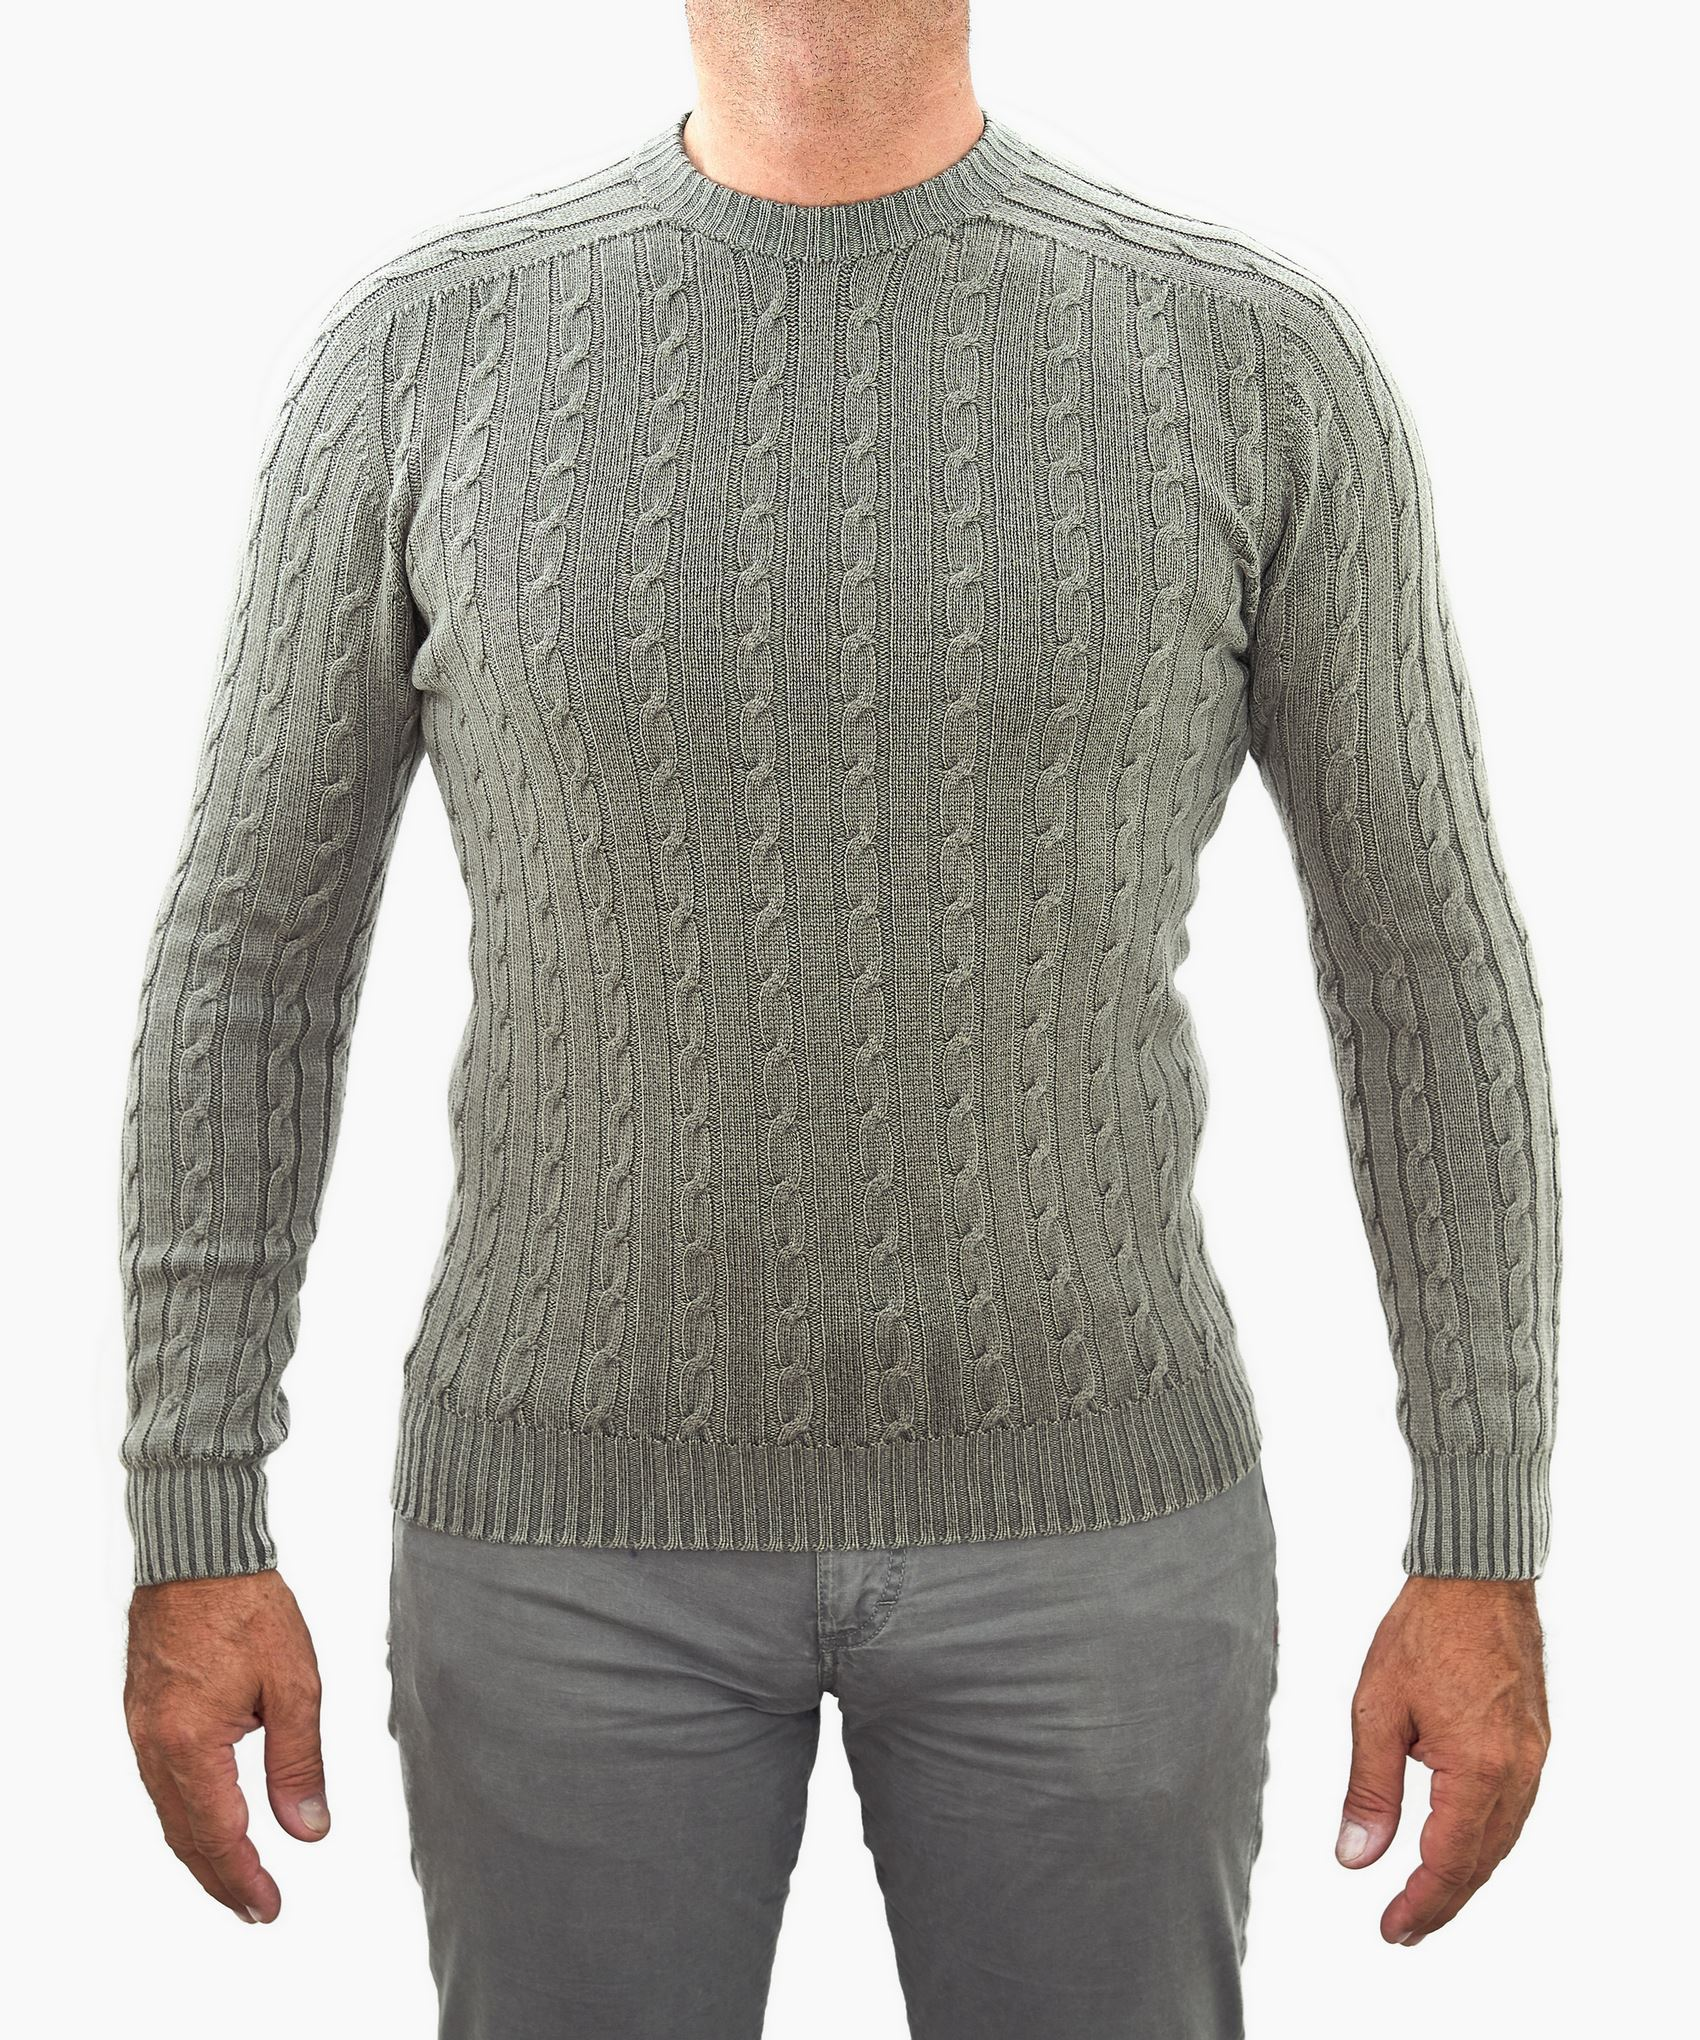 Immagine di Maglia lana girocollo reversibile a trecce